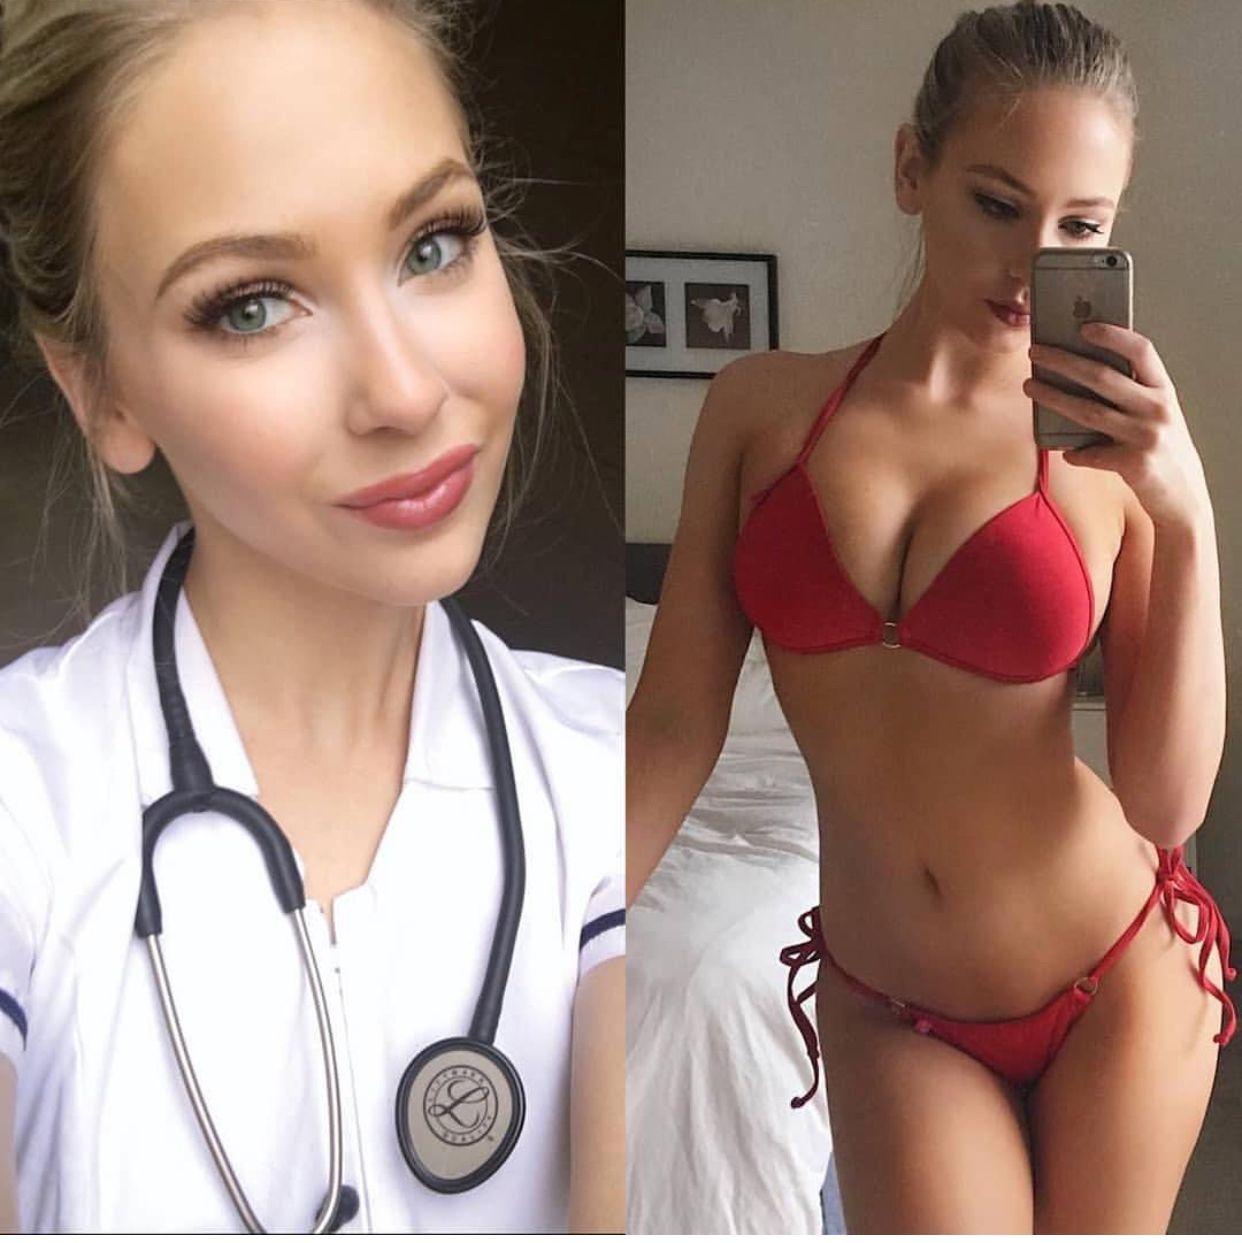 Яблочко sexy doctor hot photos that